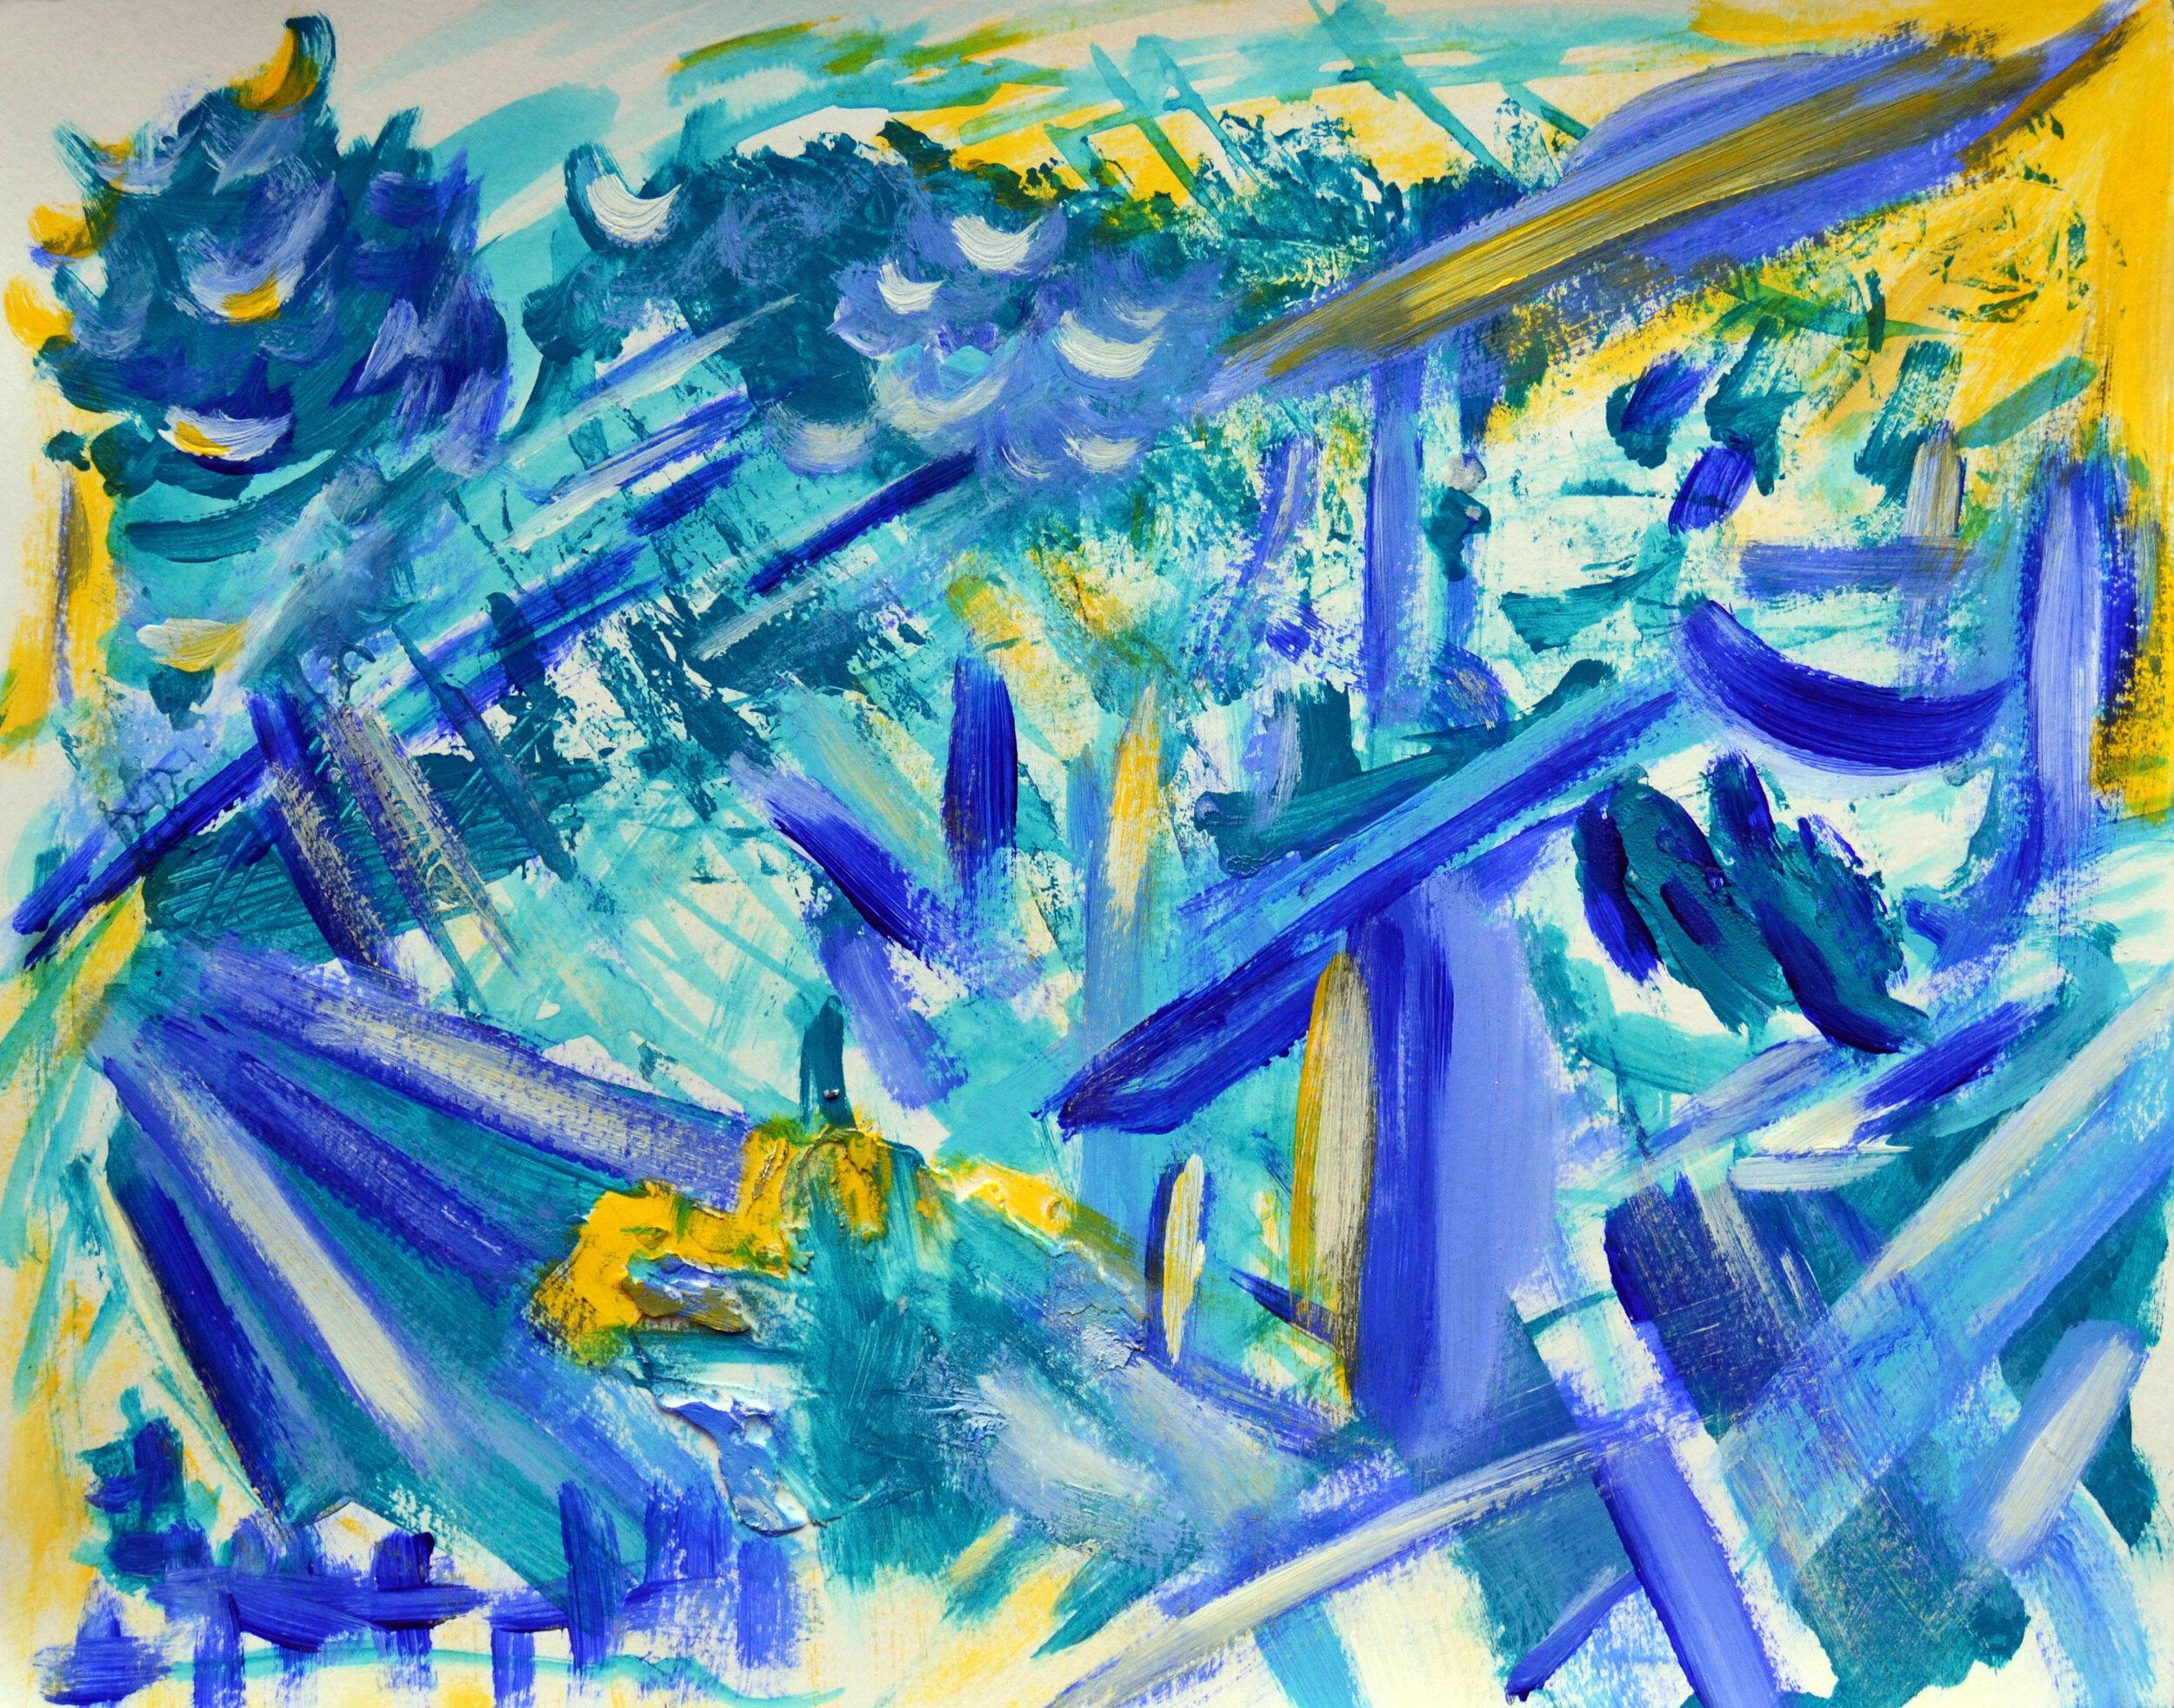 Blue Swords